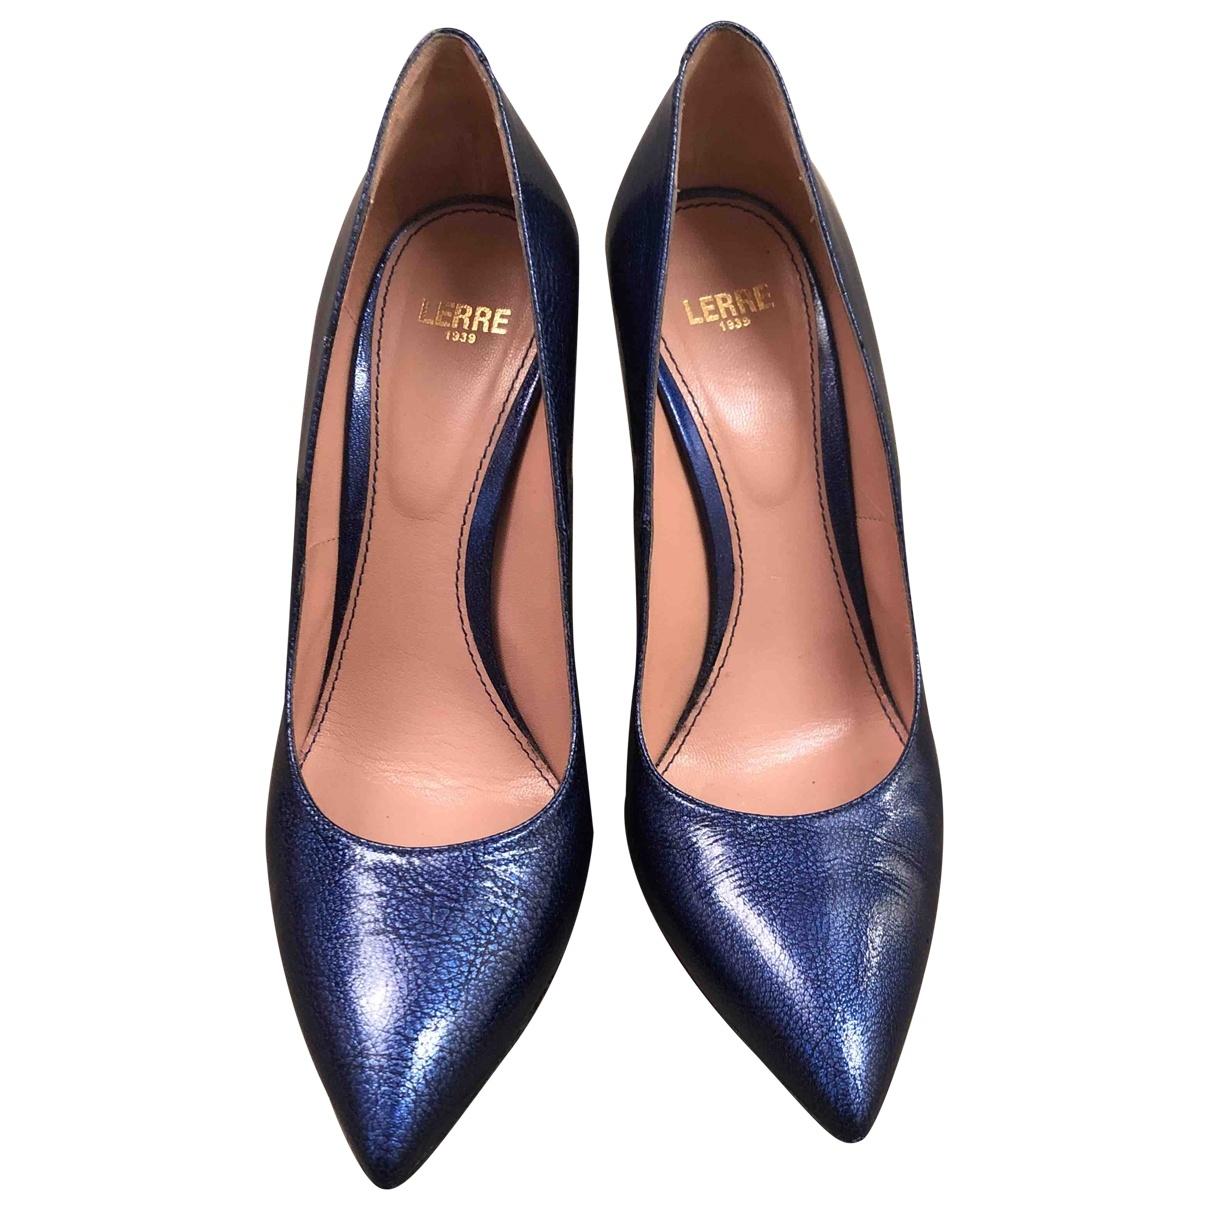 Lerre \N Blue Leather Heels for Women 37.5 EU